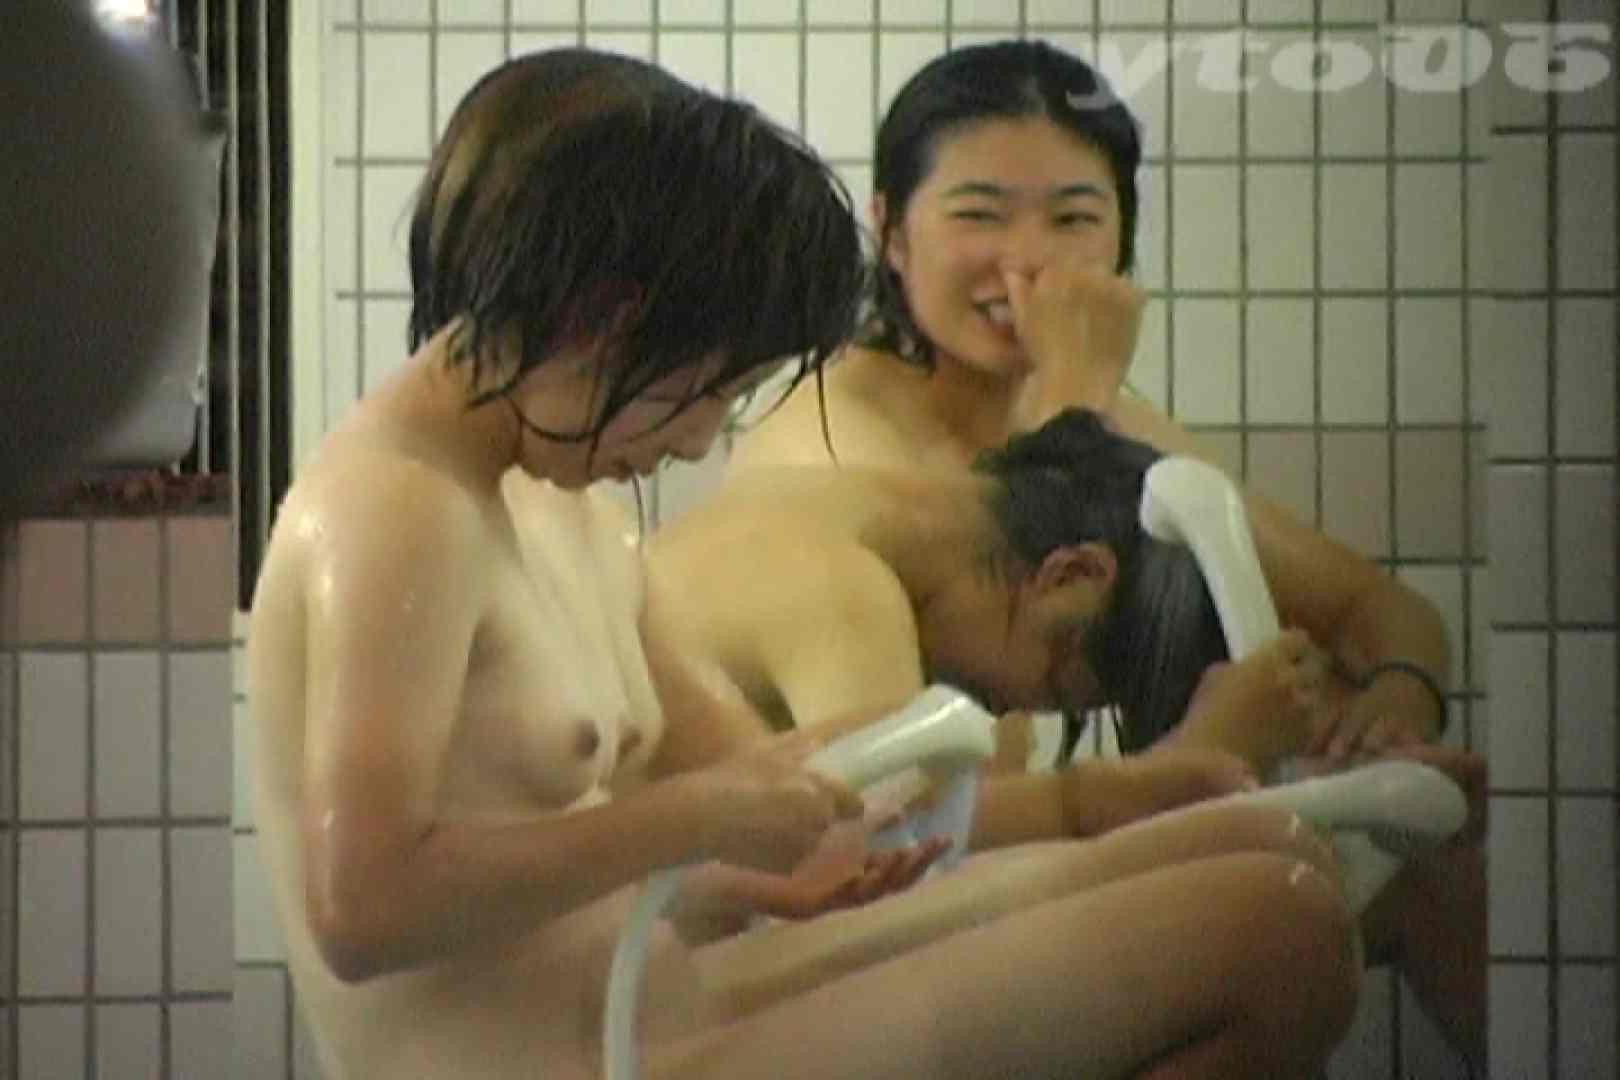 ヤリマンのオマンコ:▲復活限定▲合宿ホテル女風呂盗撮 Vol.34:怪盗ジョーカー